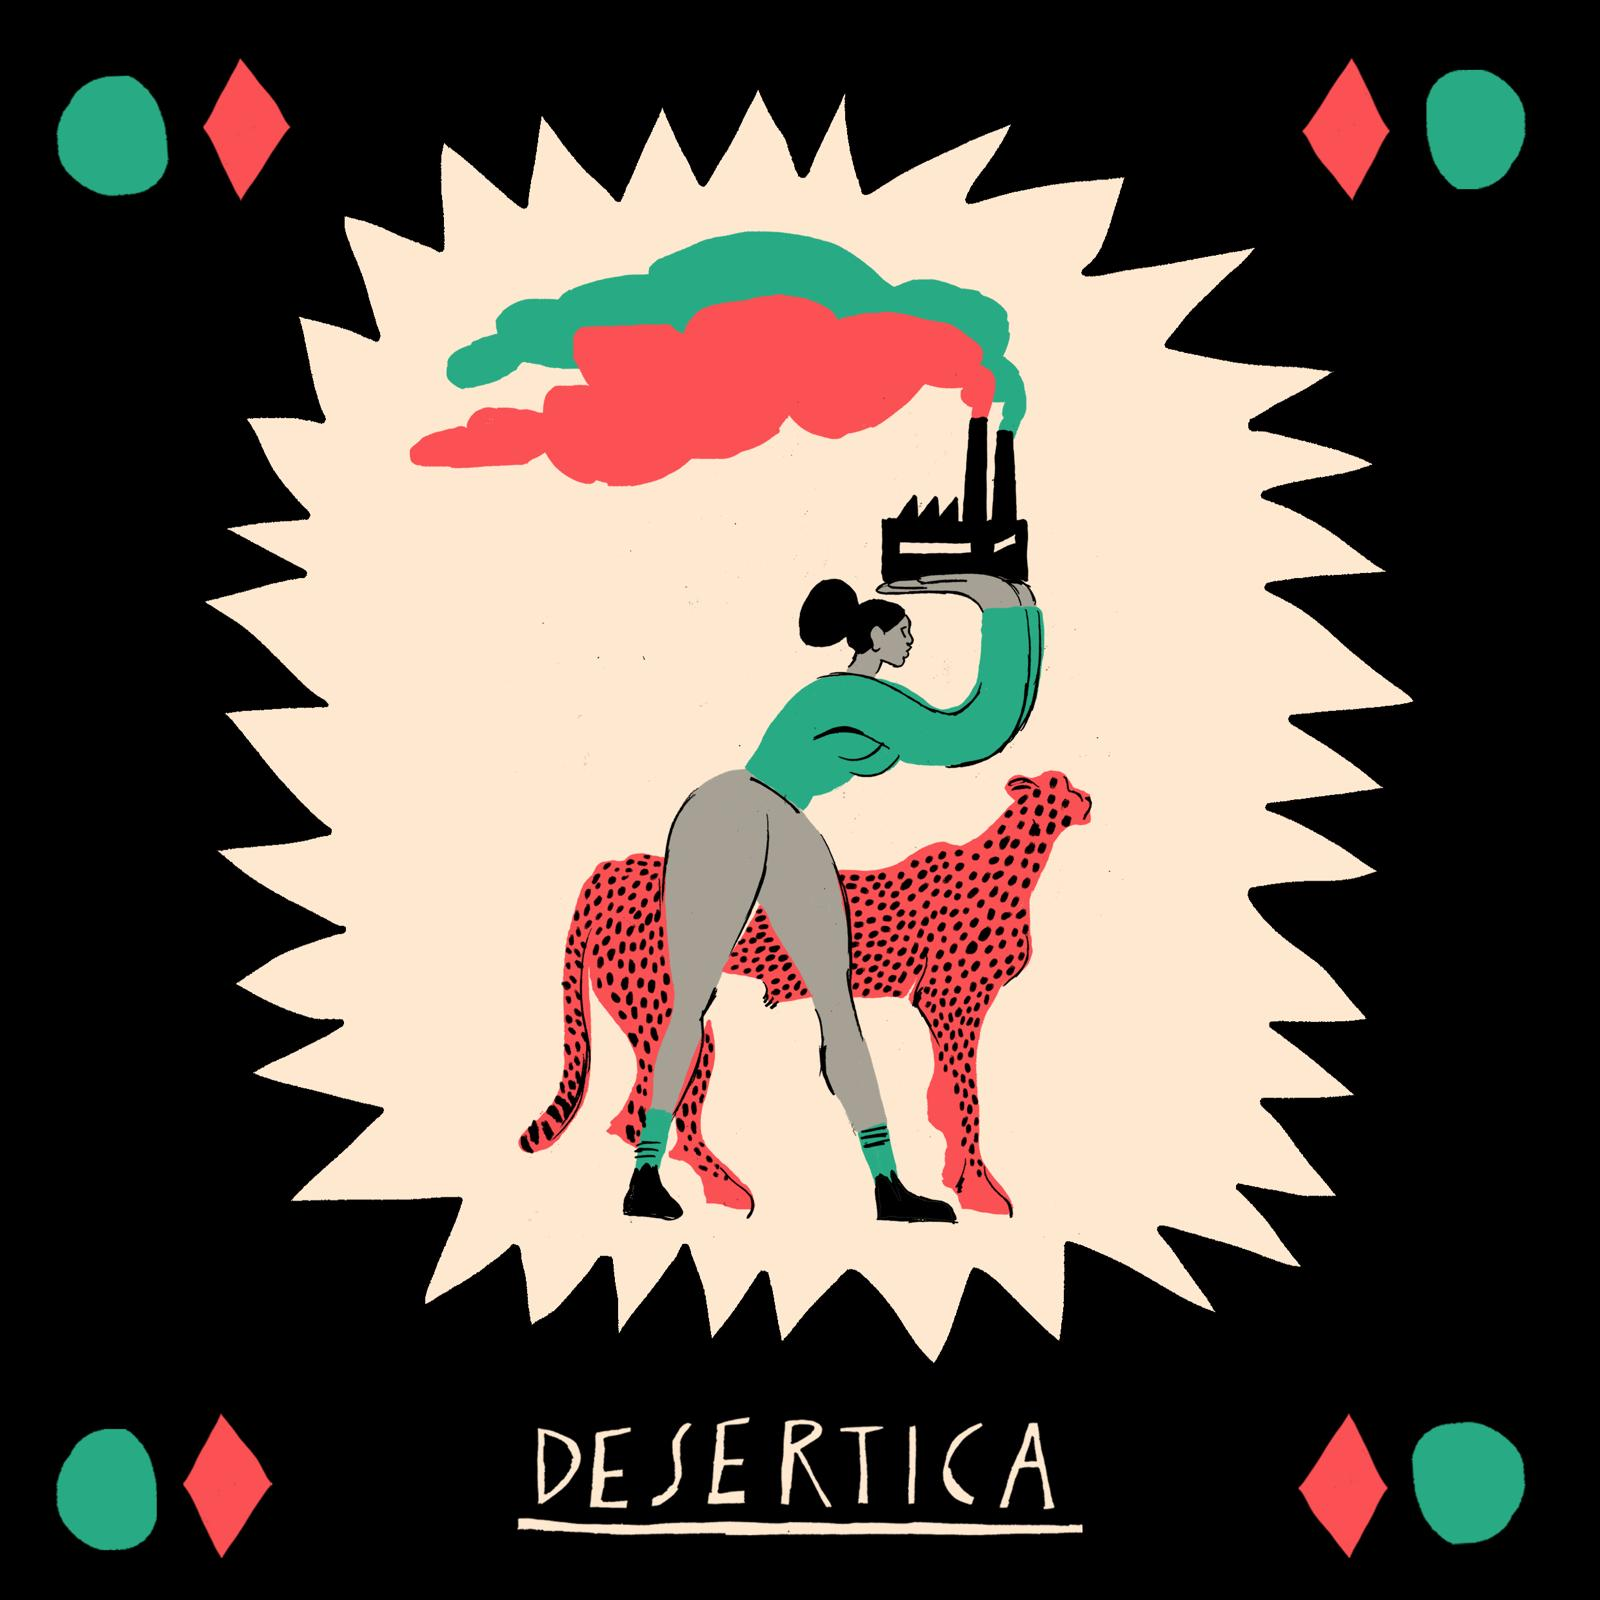 DESERTICA COVER ARTWORK DI FEDERICO MANZONE